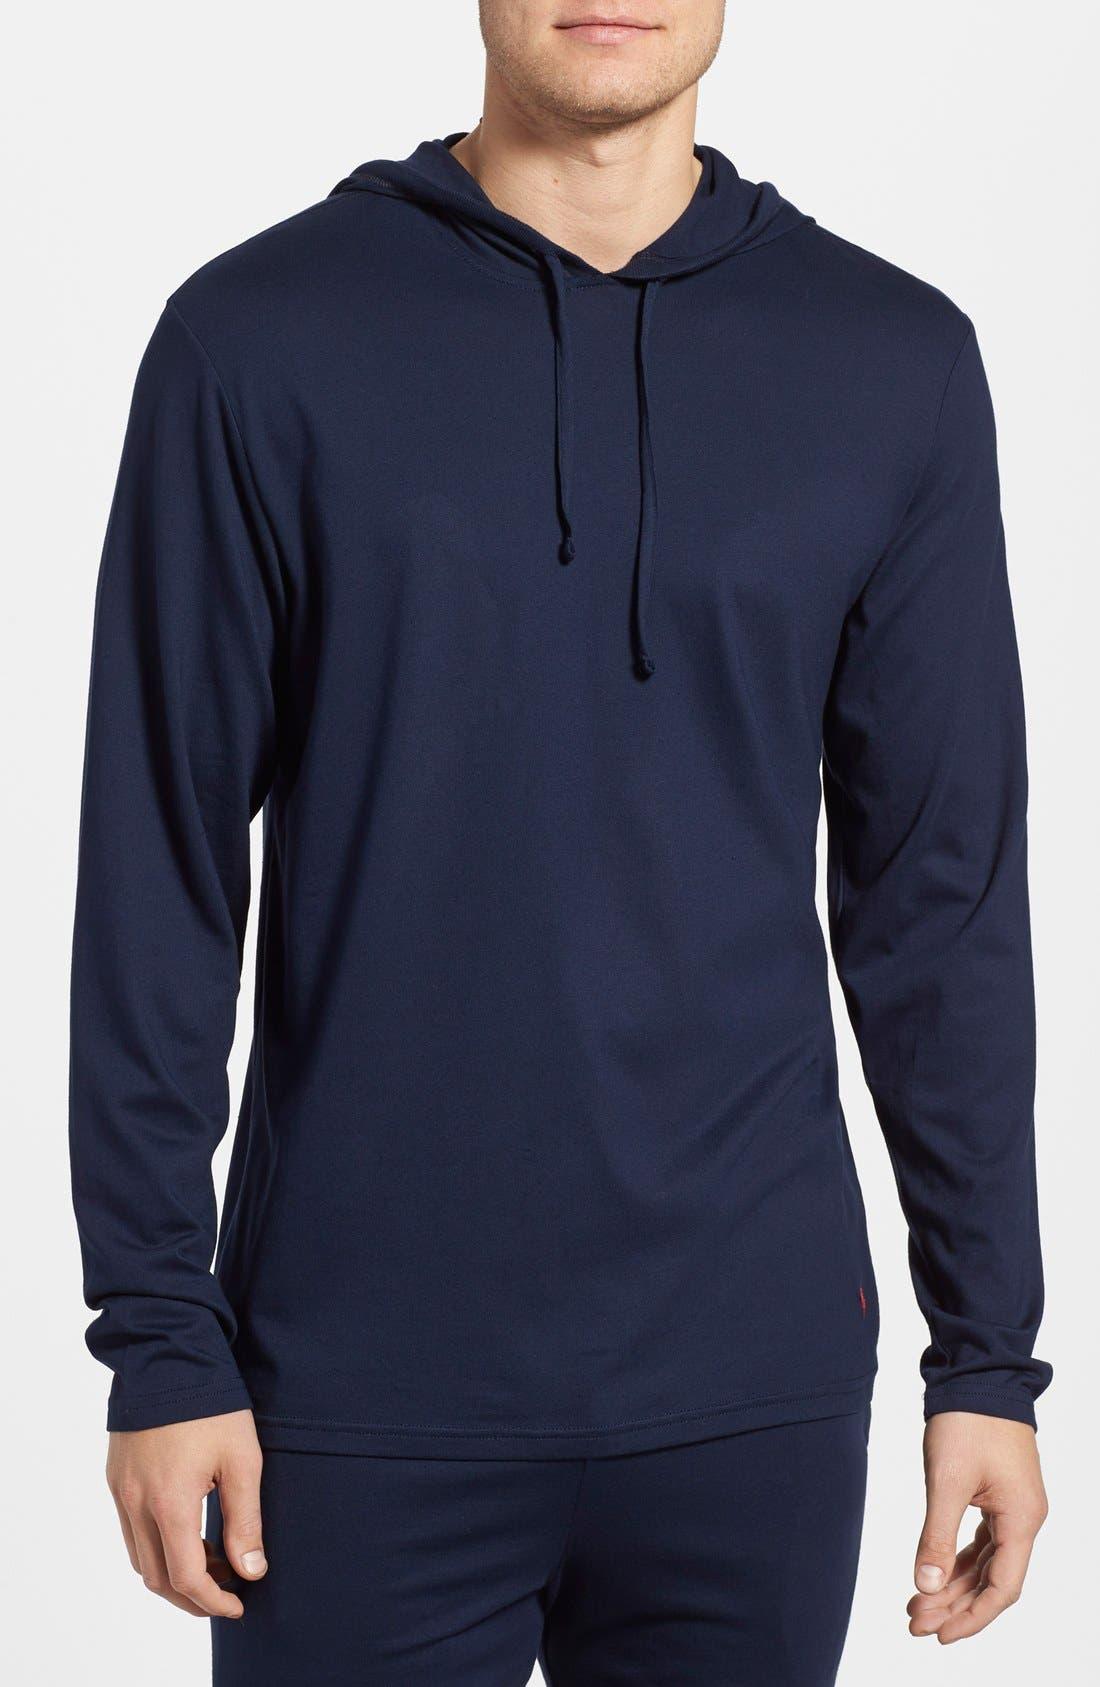 Polo Ralph Lauren Pullover Hoodie | Nordstrom